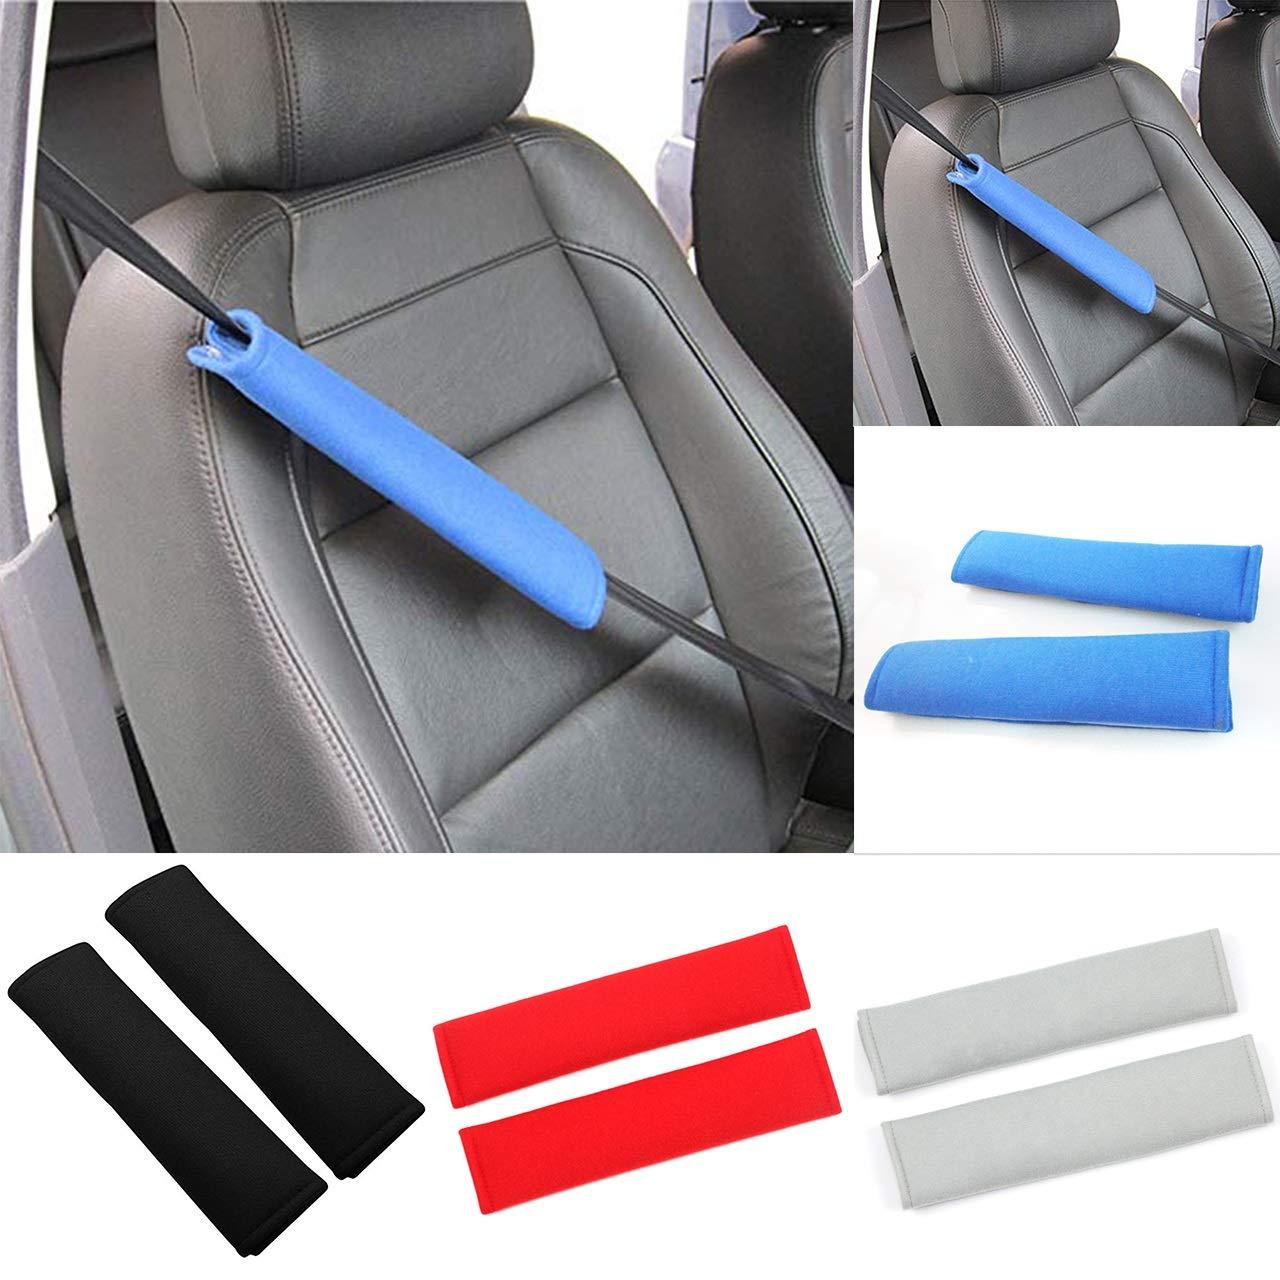 HaiQianXin 1 par de Cojines del cintur/ón de Seguridad del Coche Suave arn/és de Seguridad Correa para el Hombro cintur/ón de Seguridad Mochila Protectora para ni/ños Color : Red